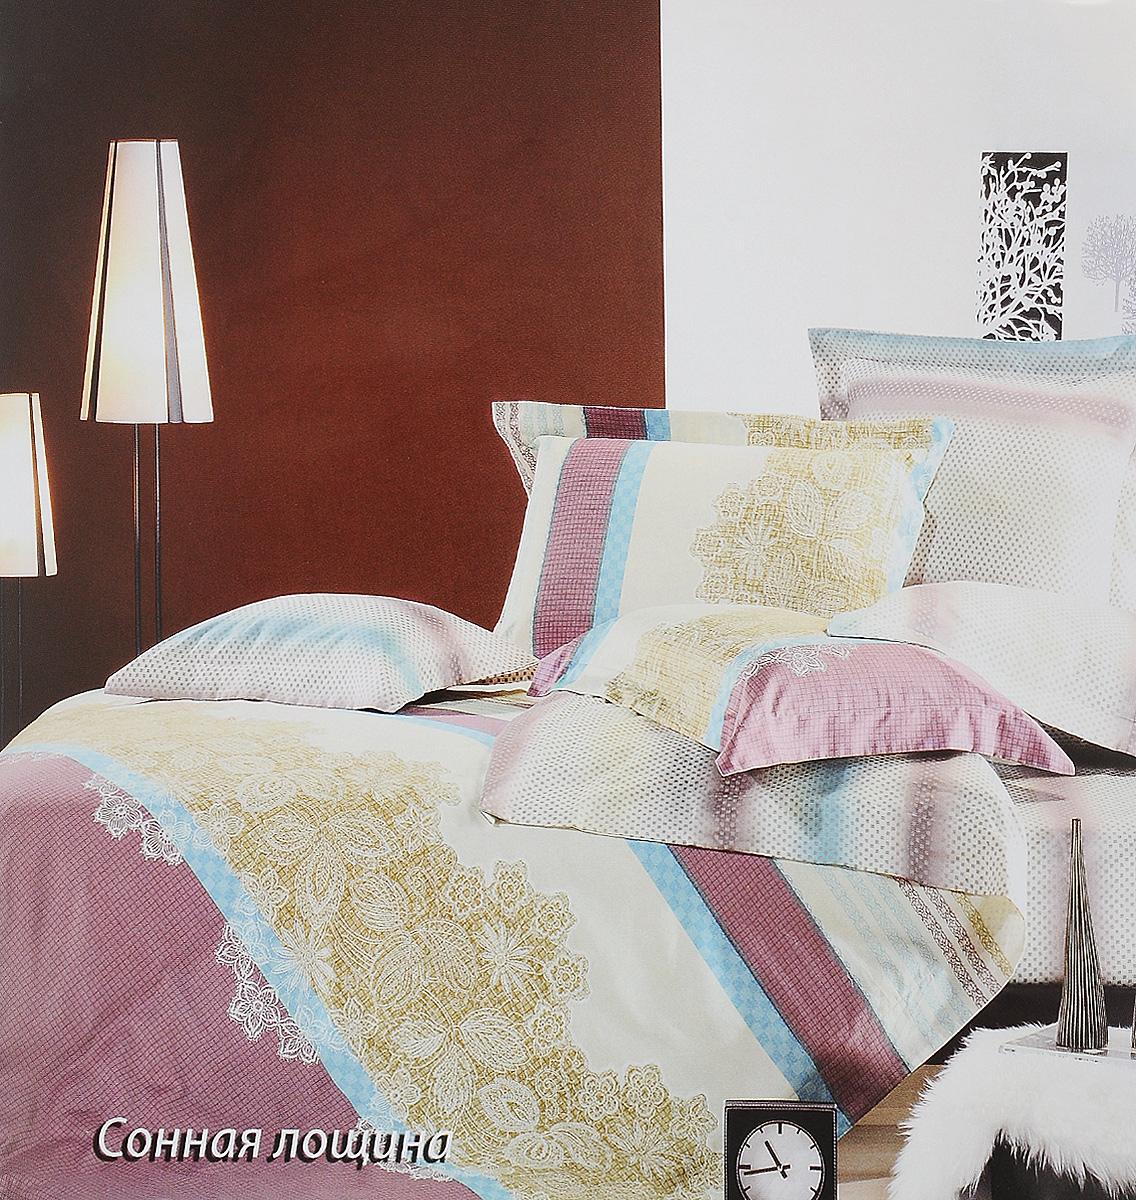 Комплект белья Tiffanys Secret Сонная лощина, 1,5-спальный, наволочки 50х70, цвет: бежевый, сиреневый, голубой391602Комплект постельного белья Tiffanys Secret Сонная лощина является экологически безопасным для всей семьи, так как выполнен из сатина (100% хлопок). Комплект состоит из пододеяльника, простыни и двух наволочек. Предметы комплекта оформлены оригинальным рисунком.Благодаря такому комплекту постельного белья вы сможете создать атмосферу уюта и комфорта в вашей спальне.Сатин - это ткань, навсегда покорившая сердца человечества. Ценившие роскошь персы называли ее атлас, а искушенные в прекрасном французы - сатин. Секрет высококачественного сатина в безупречности всего технологического процесса. Эту благородную ткань делают только из отборной натуральной пряжи, которую получают из самого лучшего тонковолокнистого хлопка. Благодаря использованию самой тонкой хлопковой нити получается необычайно мягкое и нежное полотно. Сатиновое постельное белье превращает жаркие летние ночи в прохладные и освежающие, а холодные зимние - в теплые и согревающие. Сатин очень приятен на ощупь, постельное белье из него долговечно, выдерживает более 300 стирок, и лишь спустя долгое время материал начинает немного тускнеть. Оцените все достоинства постельного белья из сатина, выбирая самое лучшее для себя!